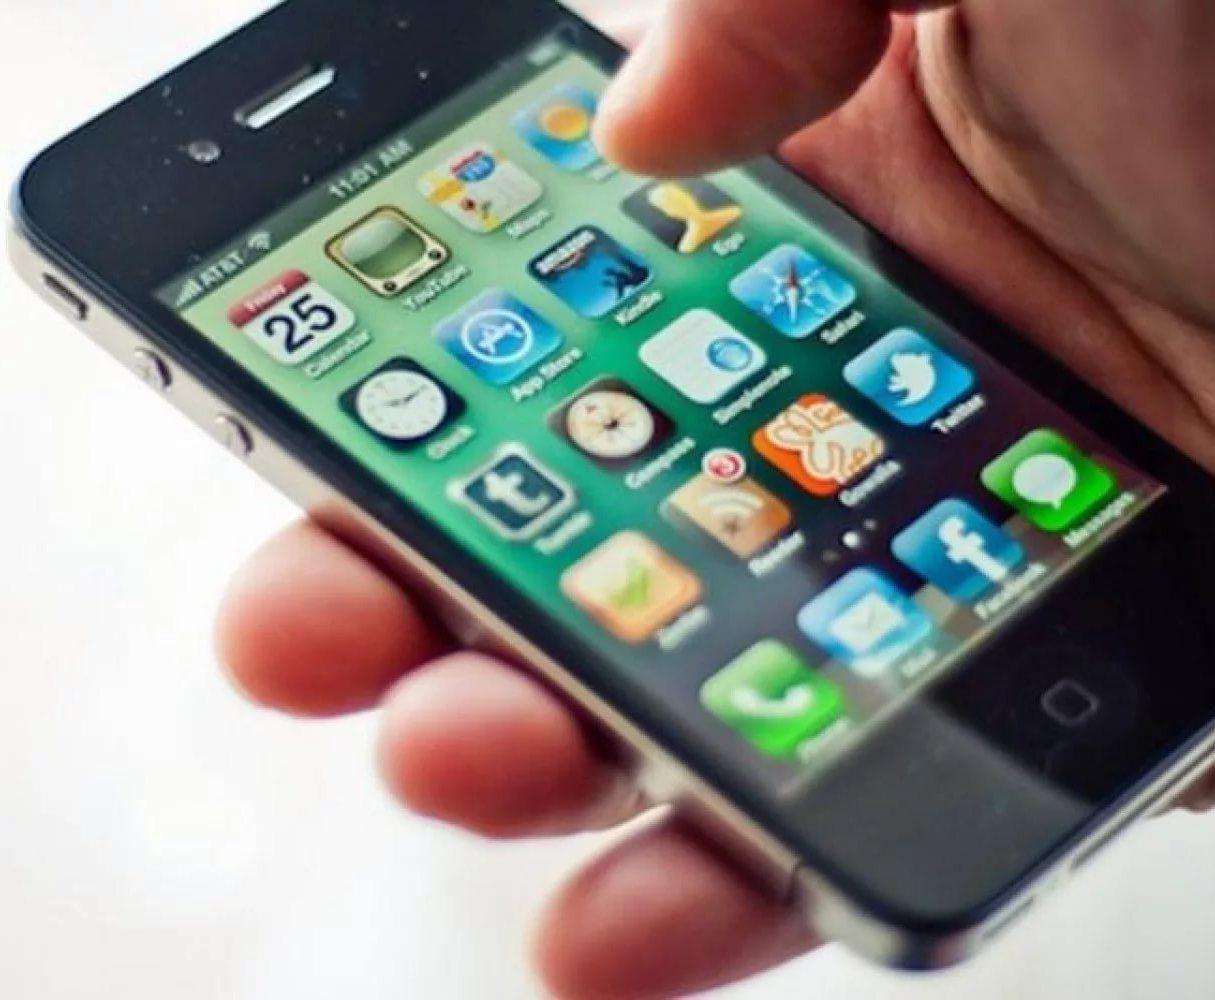 Глобальный рынок мобильных приложений вырастет до $6,3 трлн к 2021-ому году